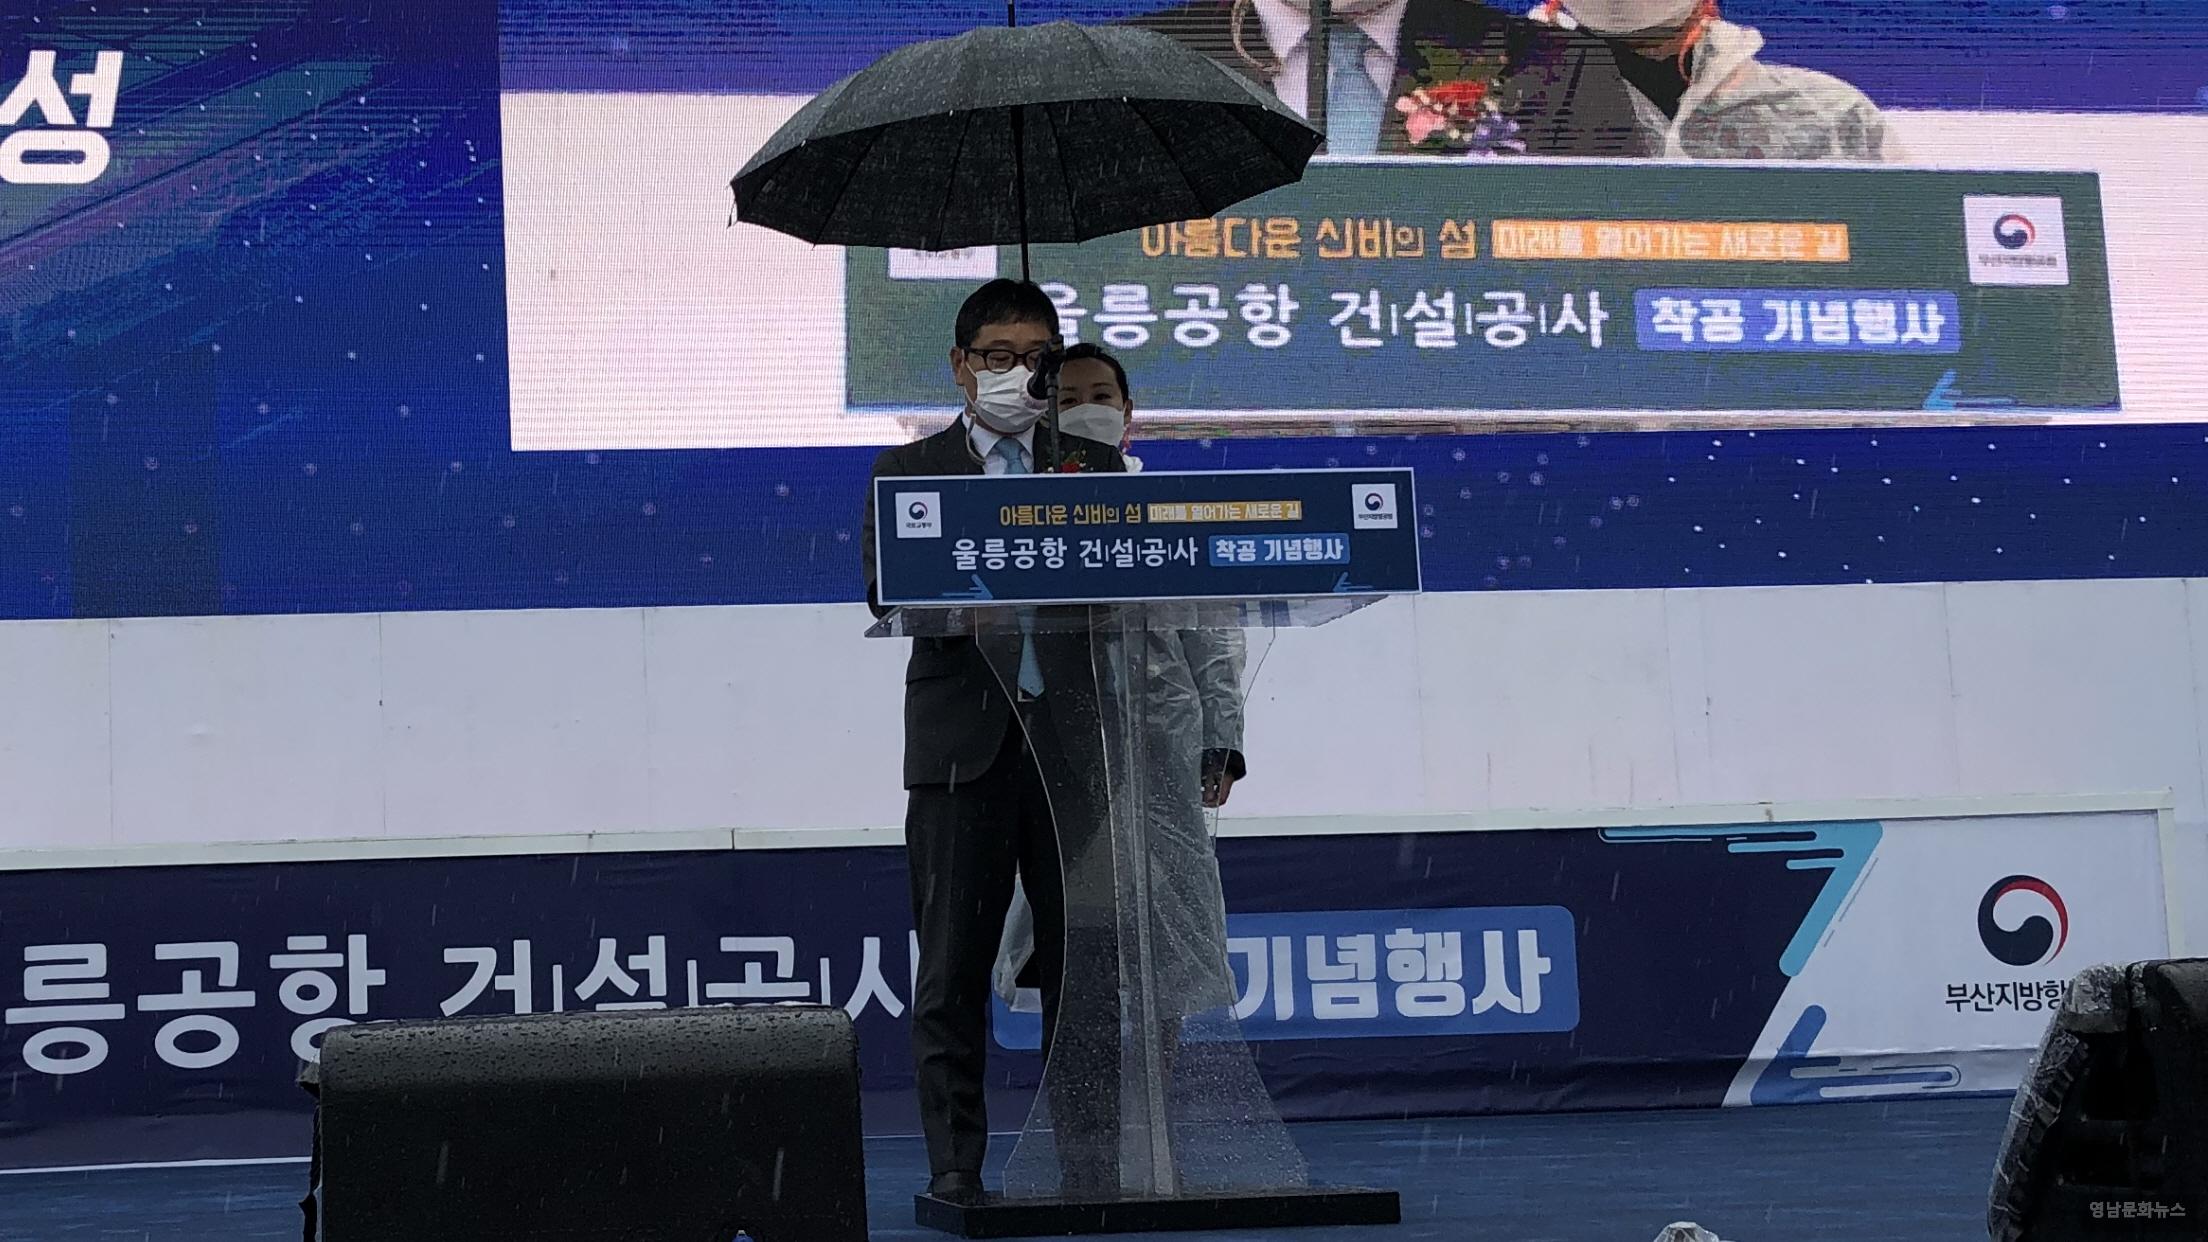 대한민국 최초 소형공항 울릉공항, 40년만에 첫삽